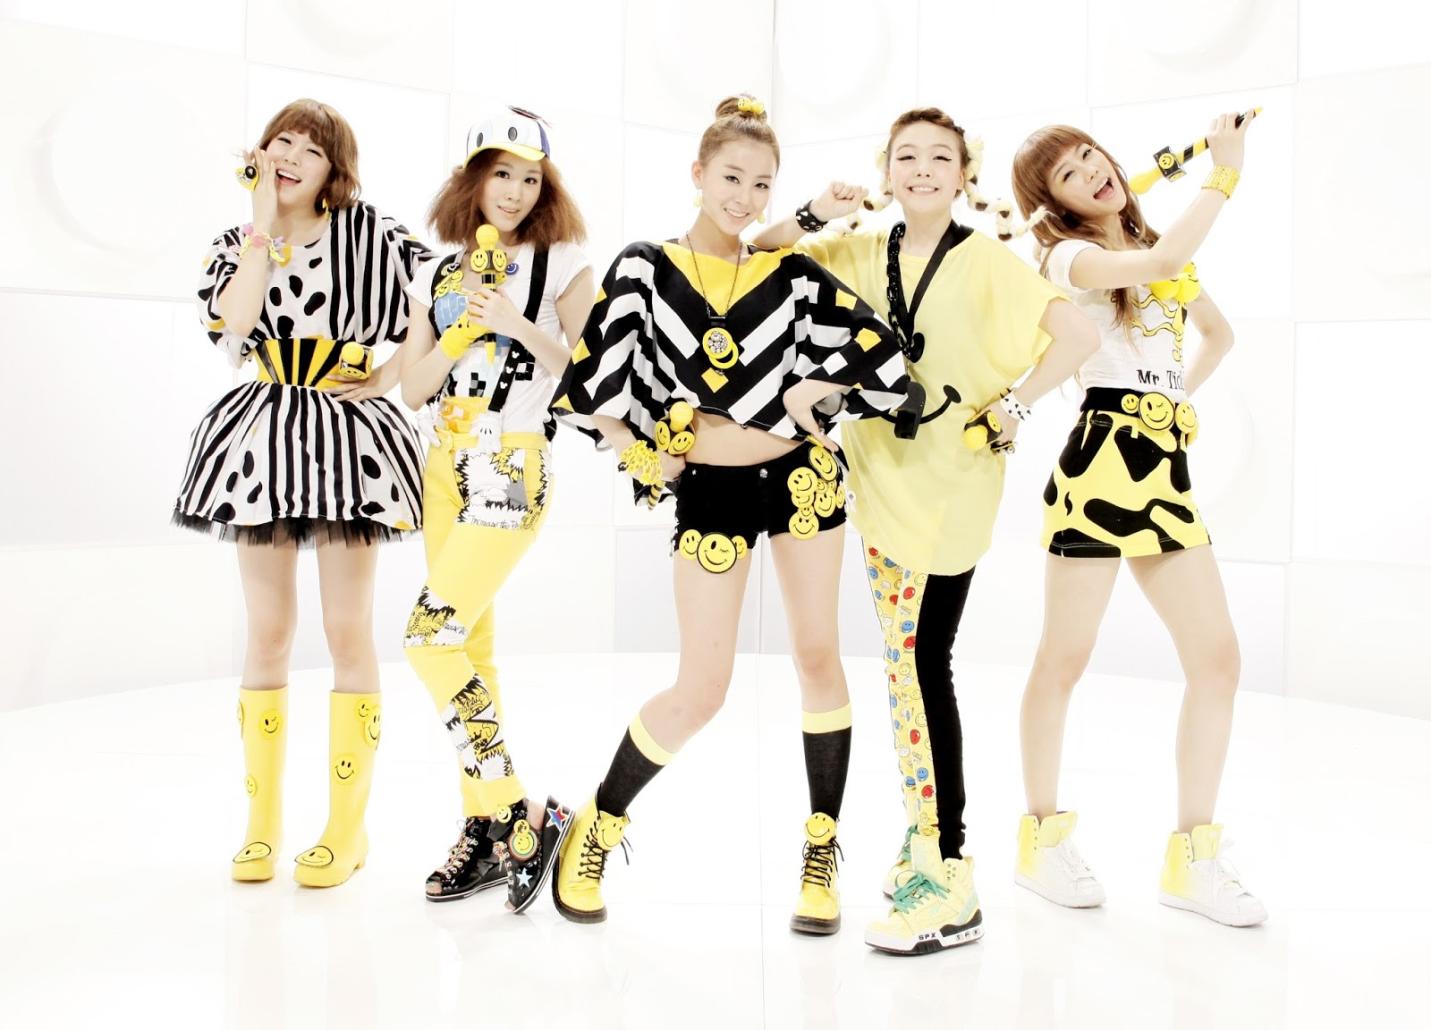 Chật vật nhiều năm không tên tuổi, 5 idolgroup Kpop này phải lột xác mới có thể lên đời - Ảnh 10.